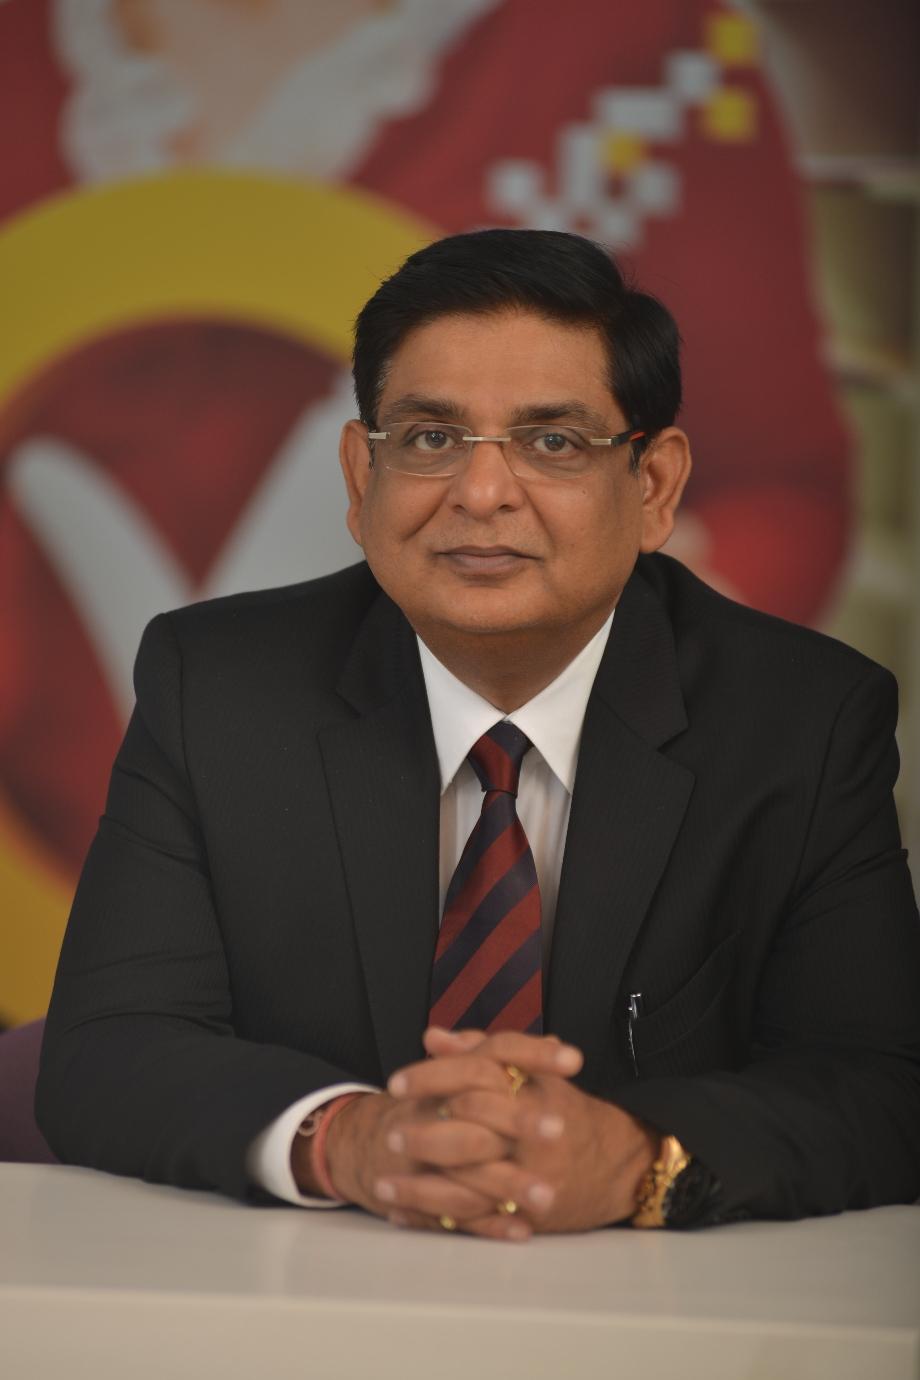 Sanjay Rohatgi, Vice President, India, Symantec